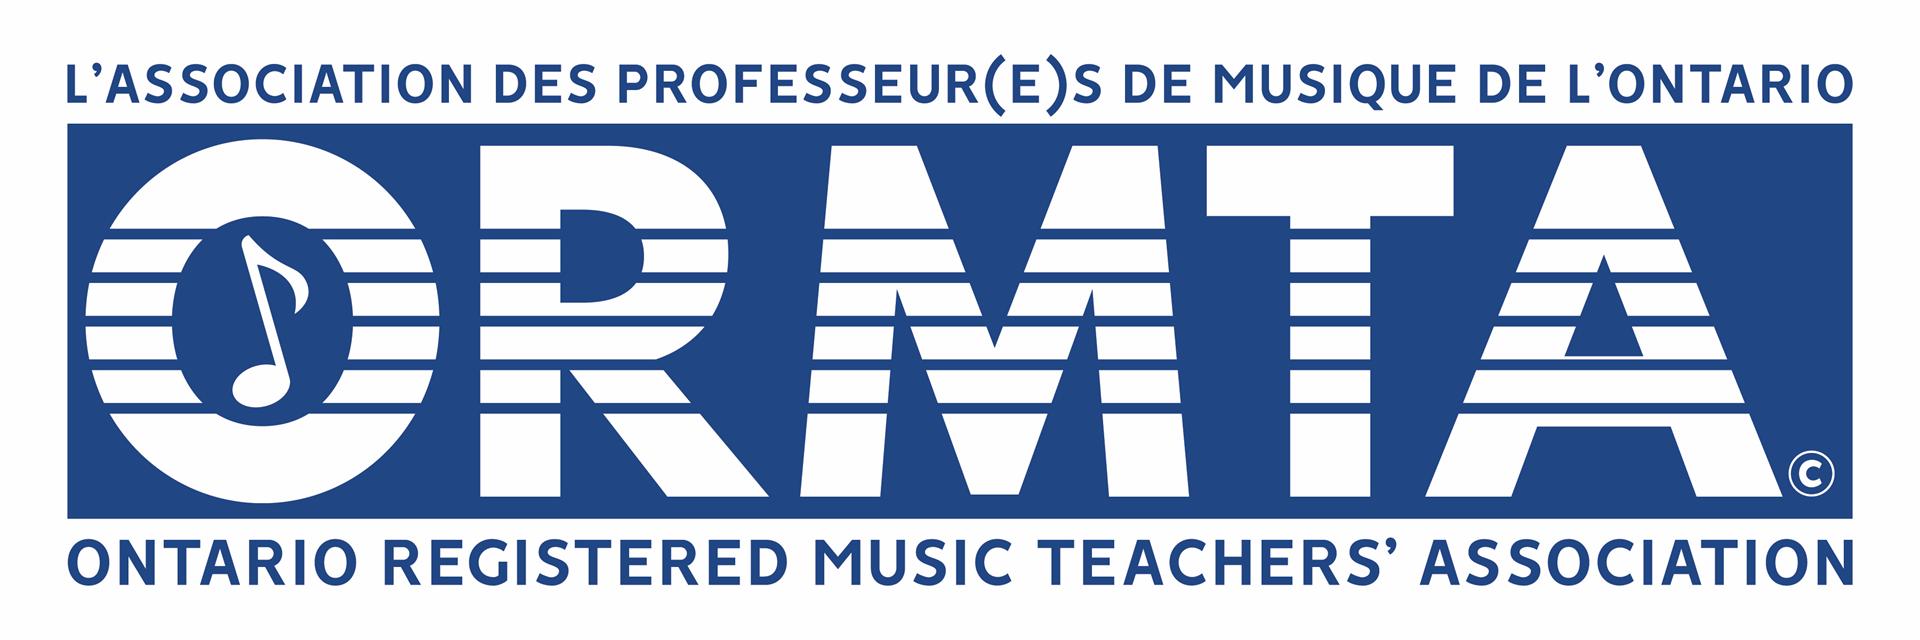 Logo de ORMTA